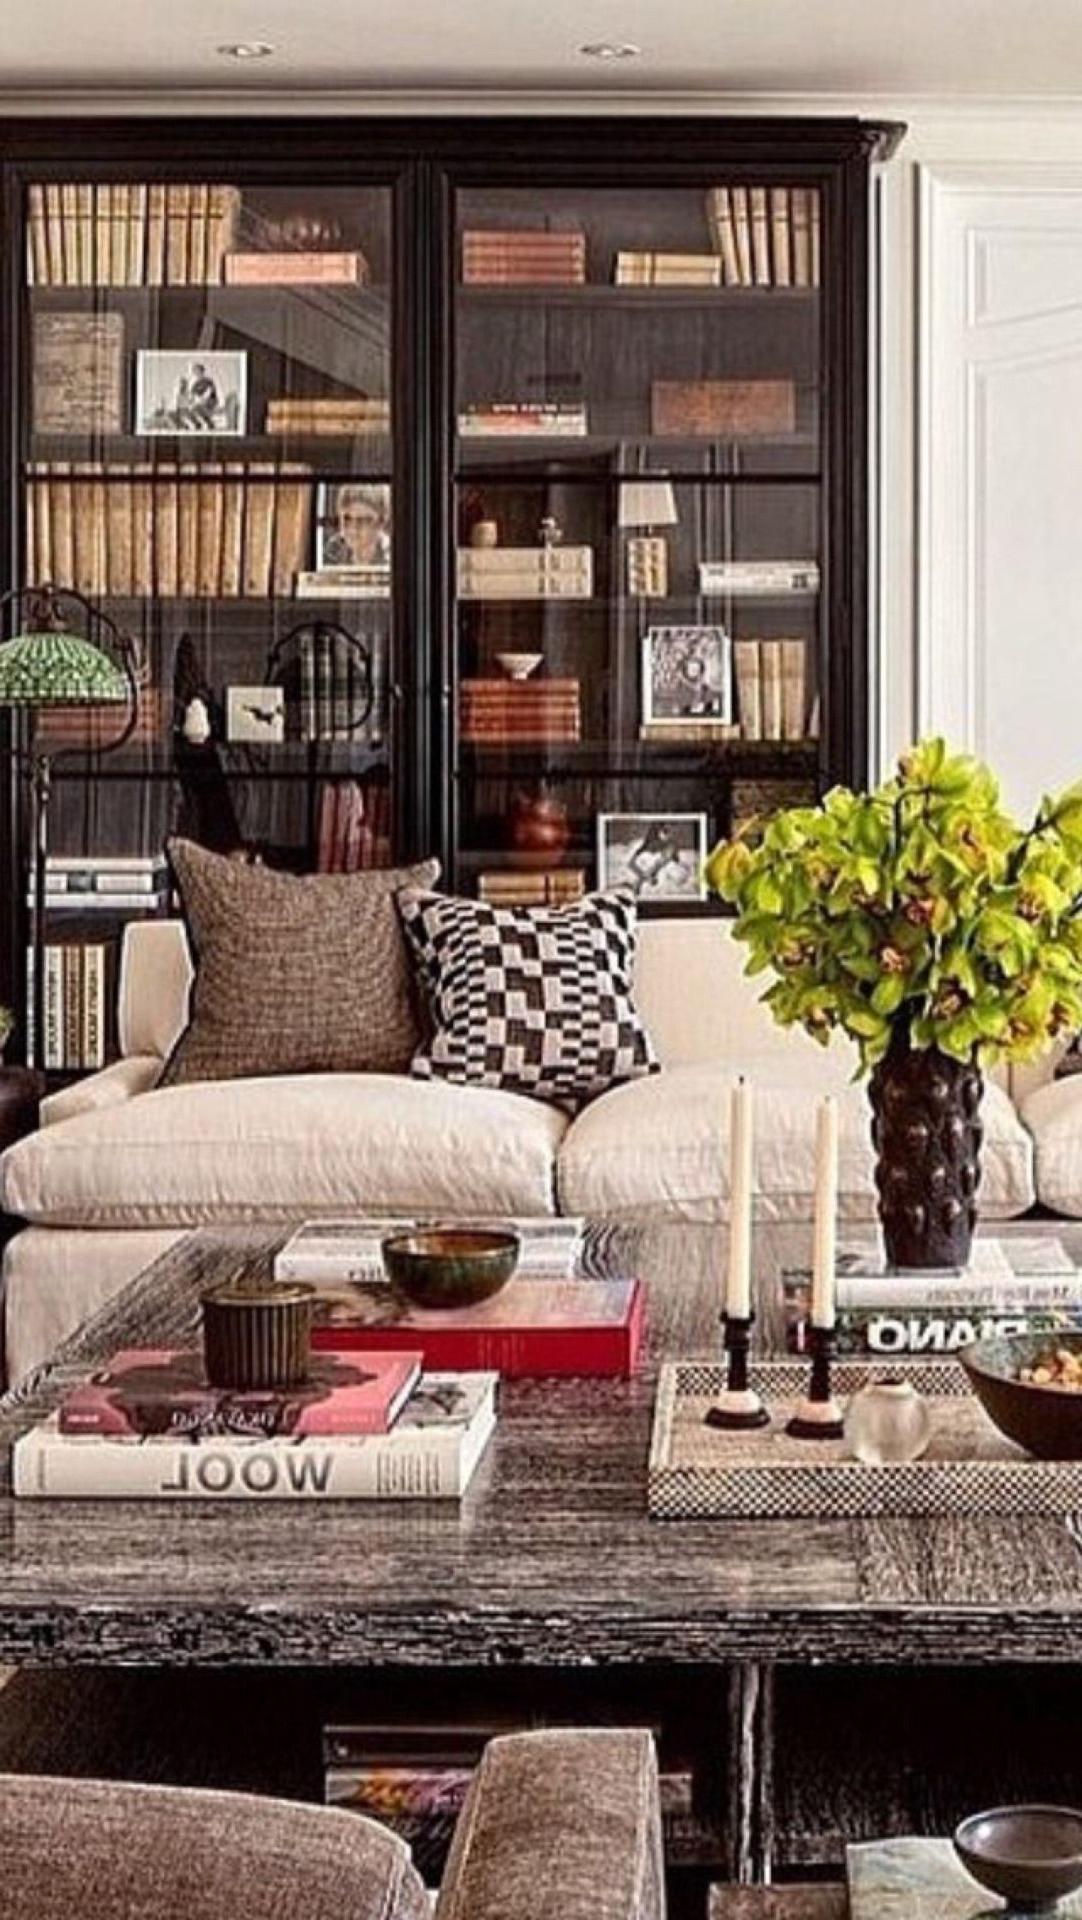 House Interior, Interior Design, Home (View 10 of 20)